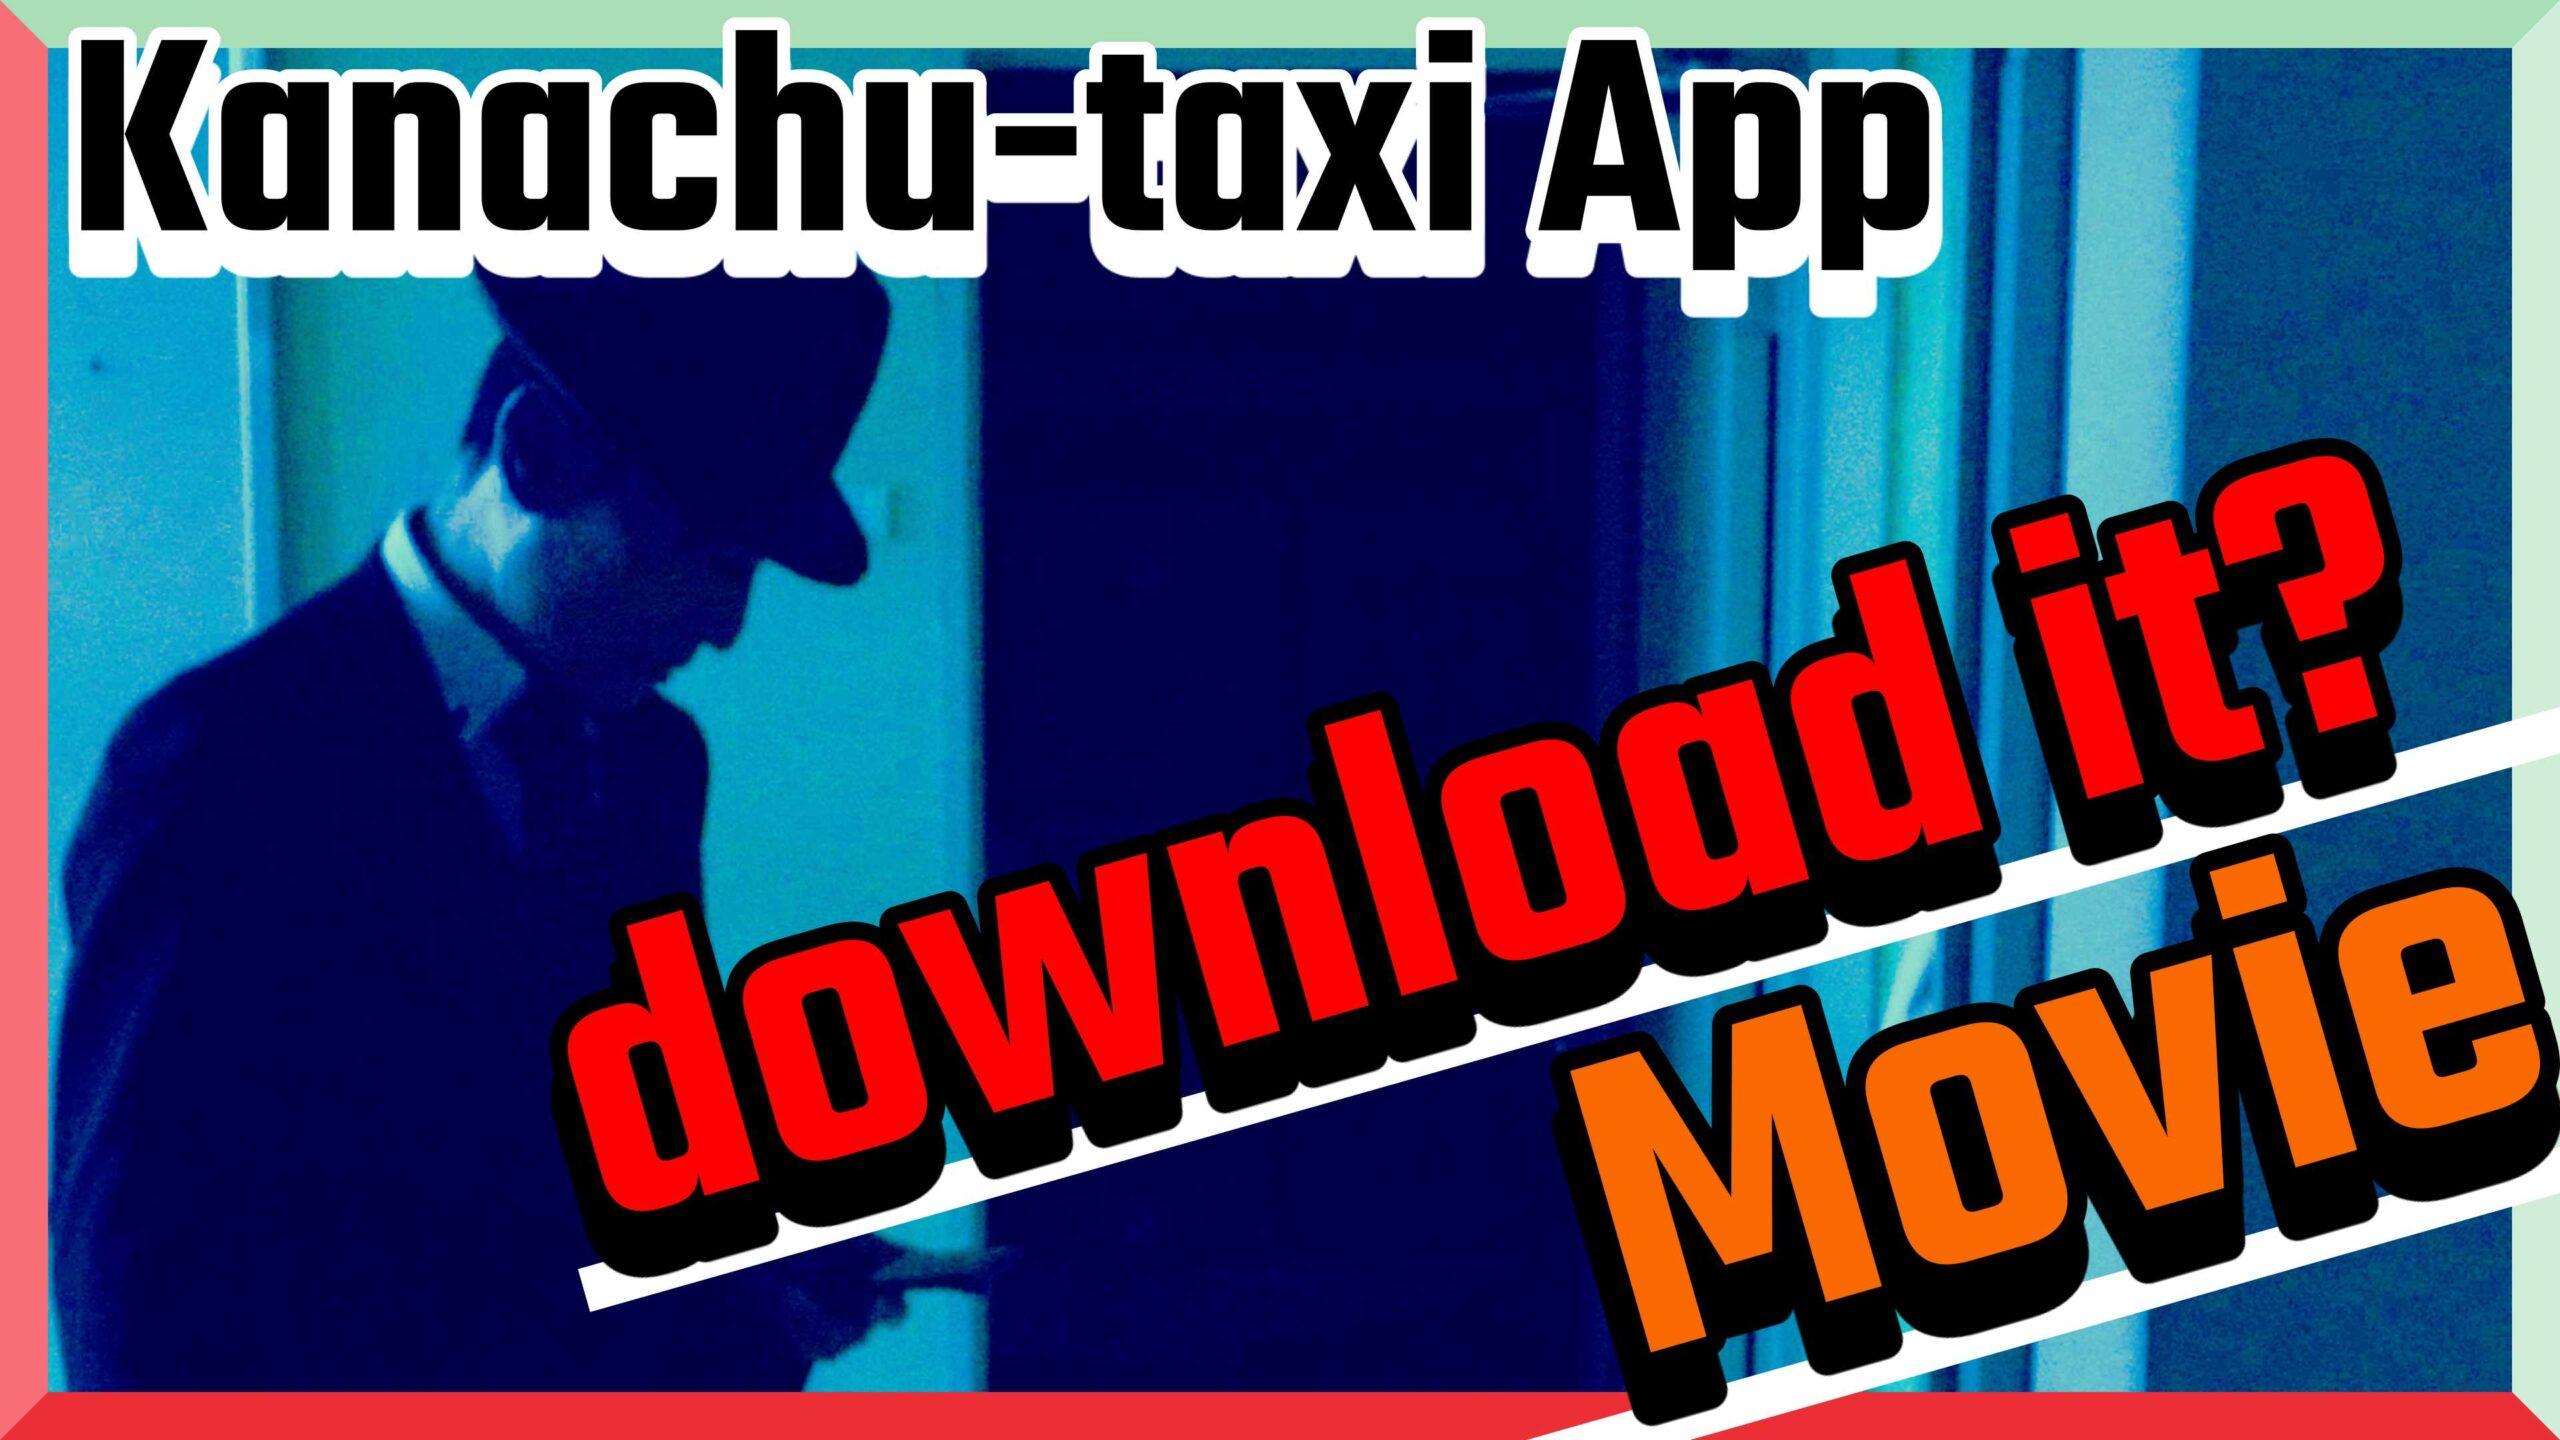 神奈中タクシーアプリのPR動画が攻めすぎて意味不明でカッコ良すぎ!